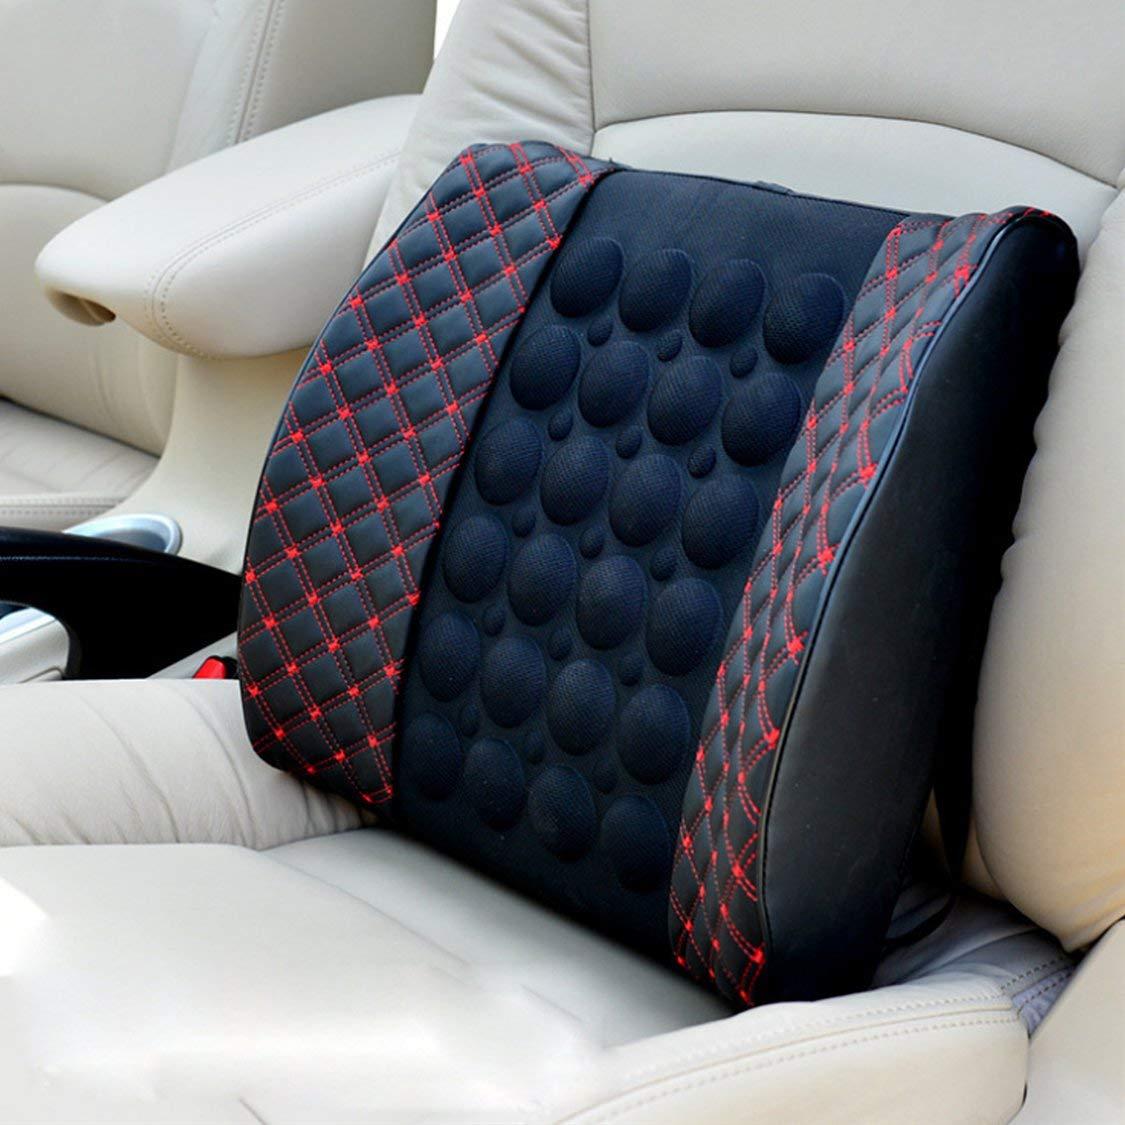 Vige Rotwein Auto Kissen Auto elektrische Massage lenden rote Linie gesundheitspflege Auto Taille Auflage Kissen lendenkissen